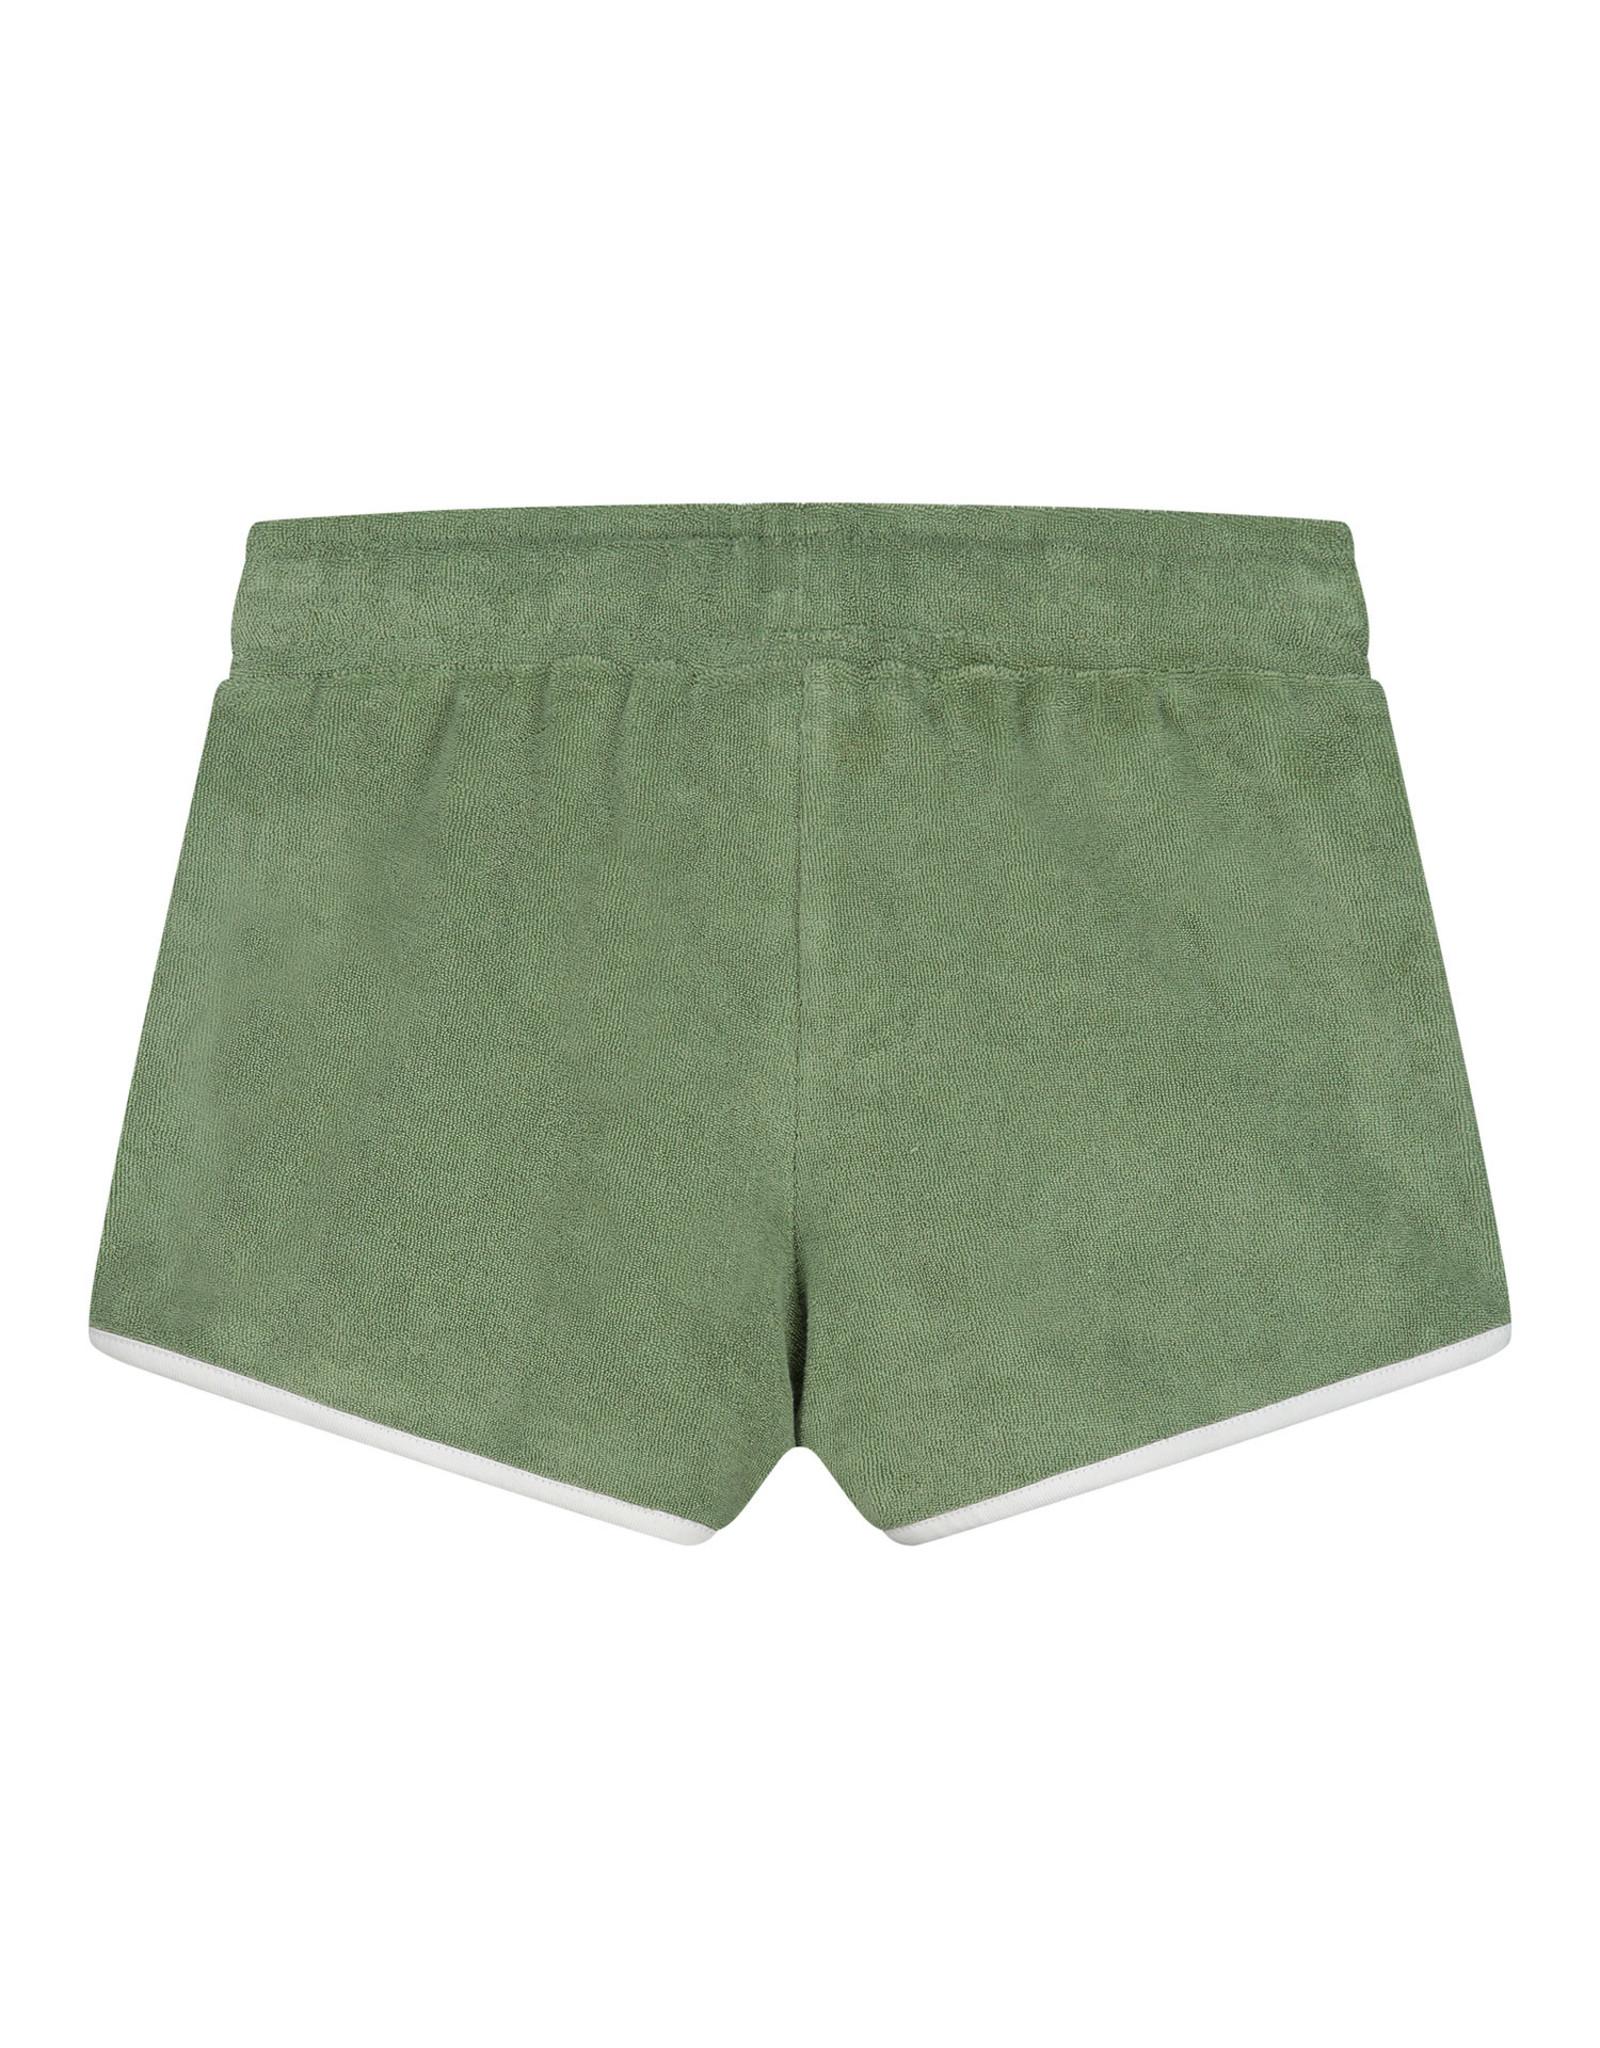 Shiwi girls porto short dusty pistache green